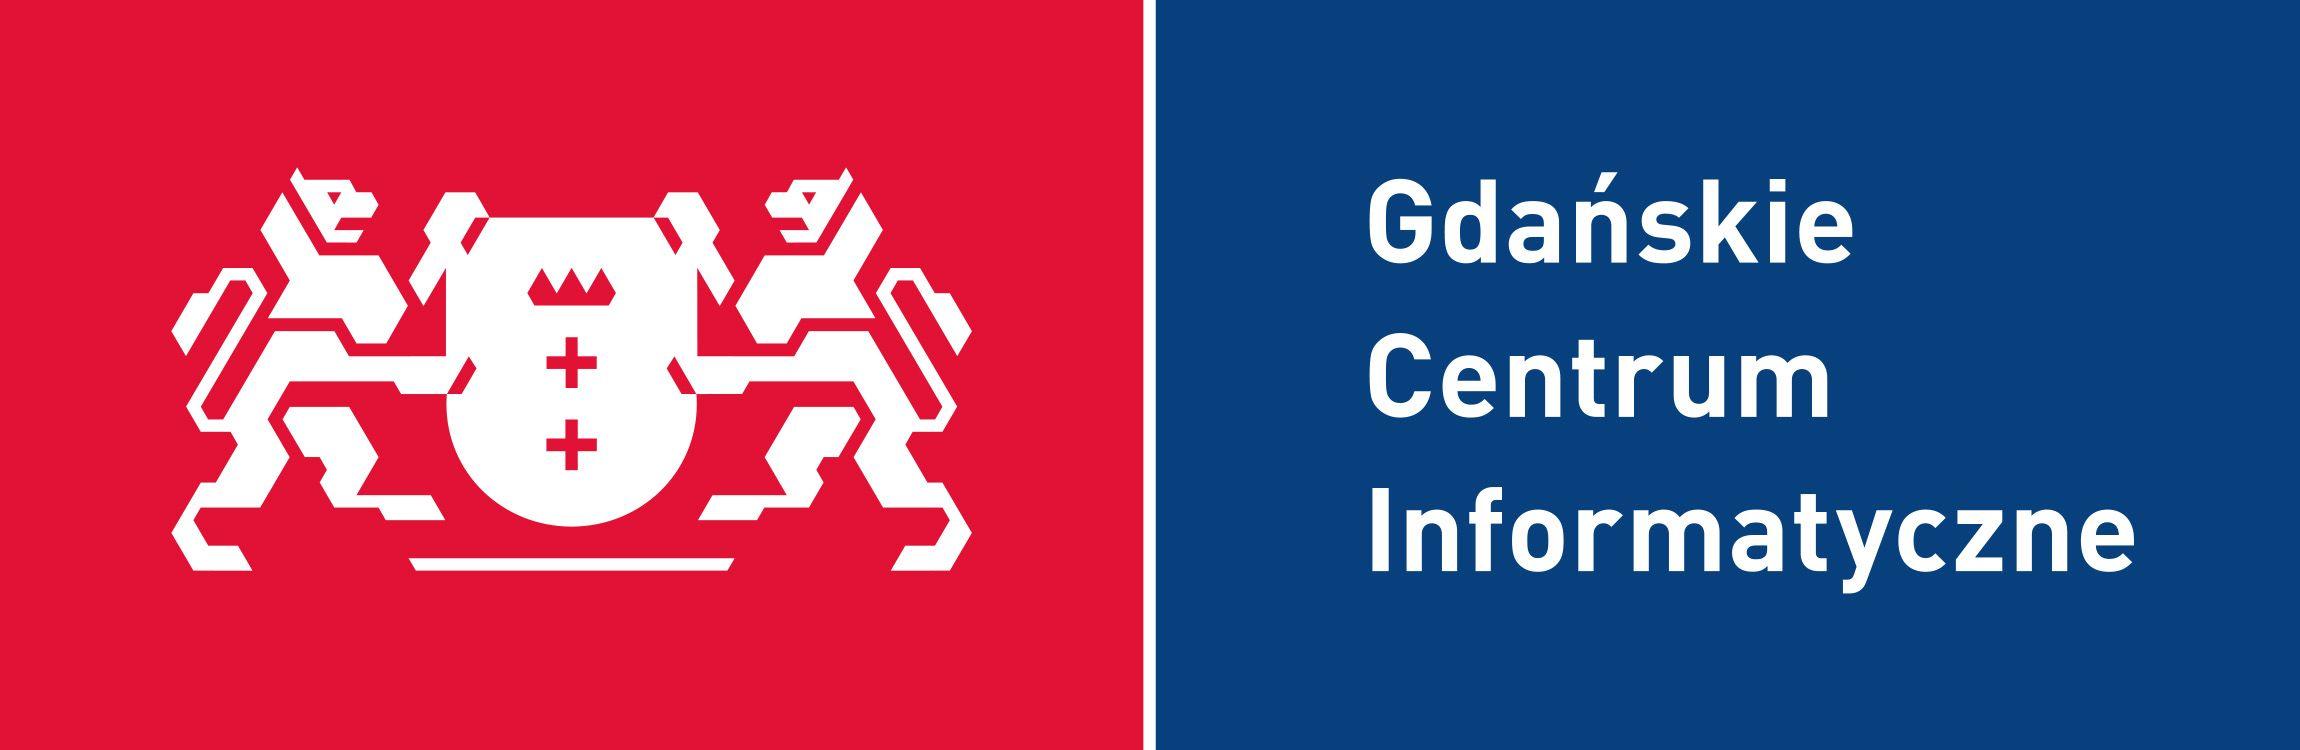 gdanskie-centrum-informatyczne